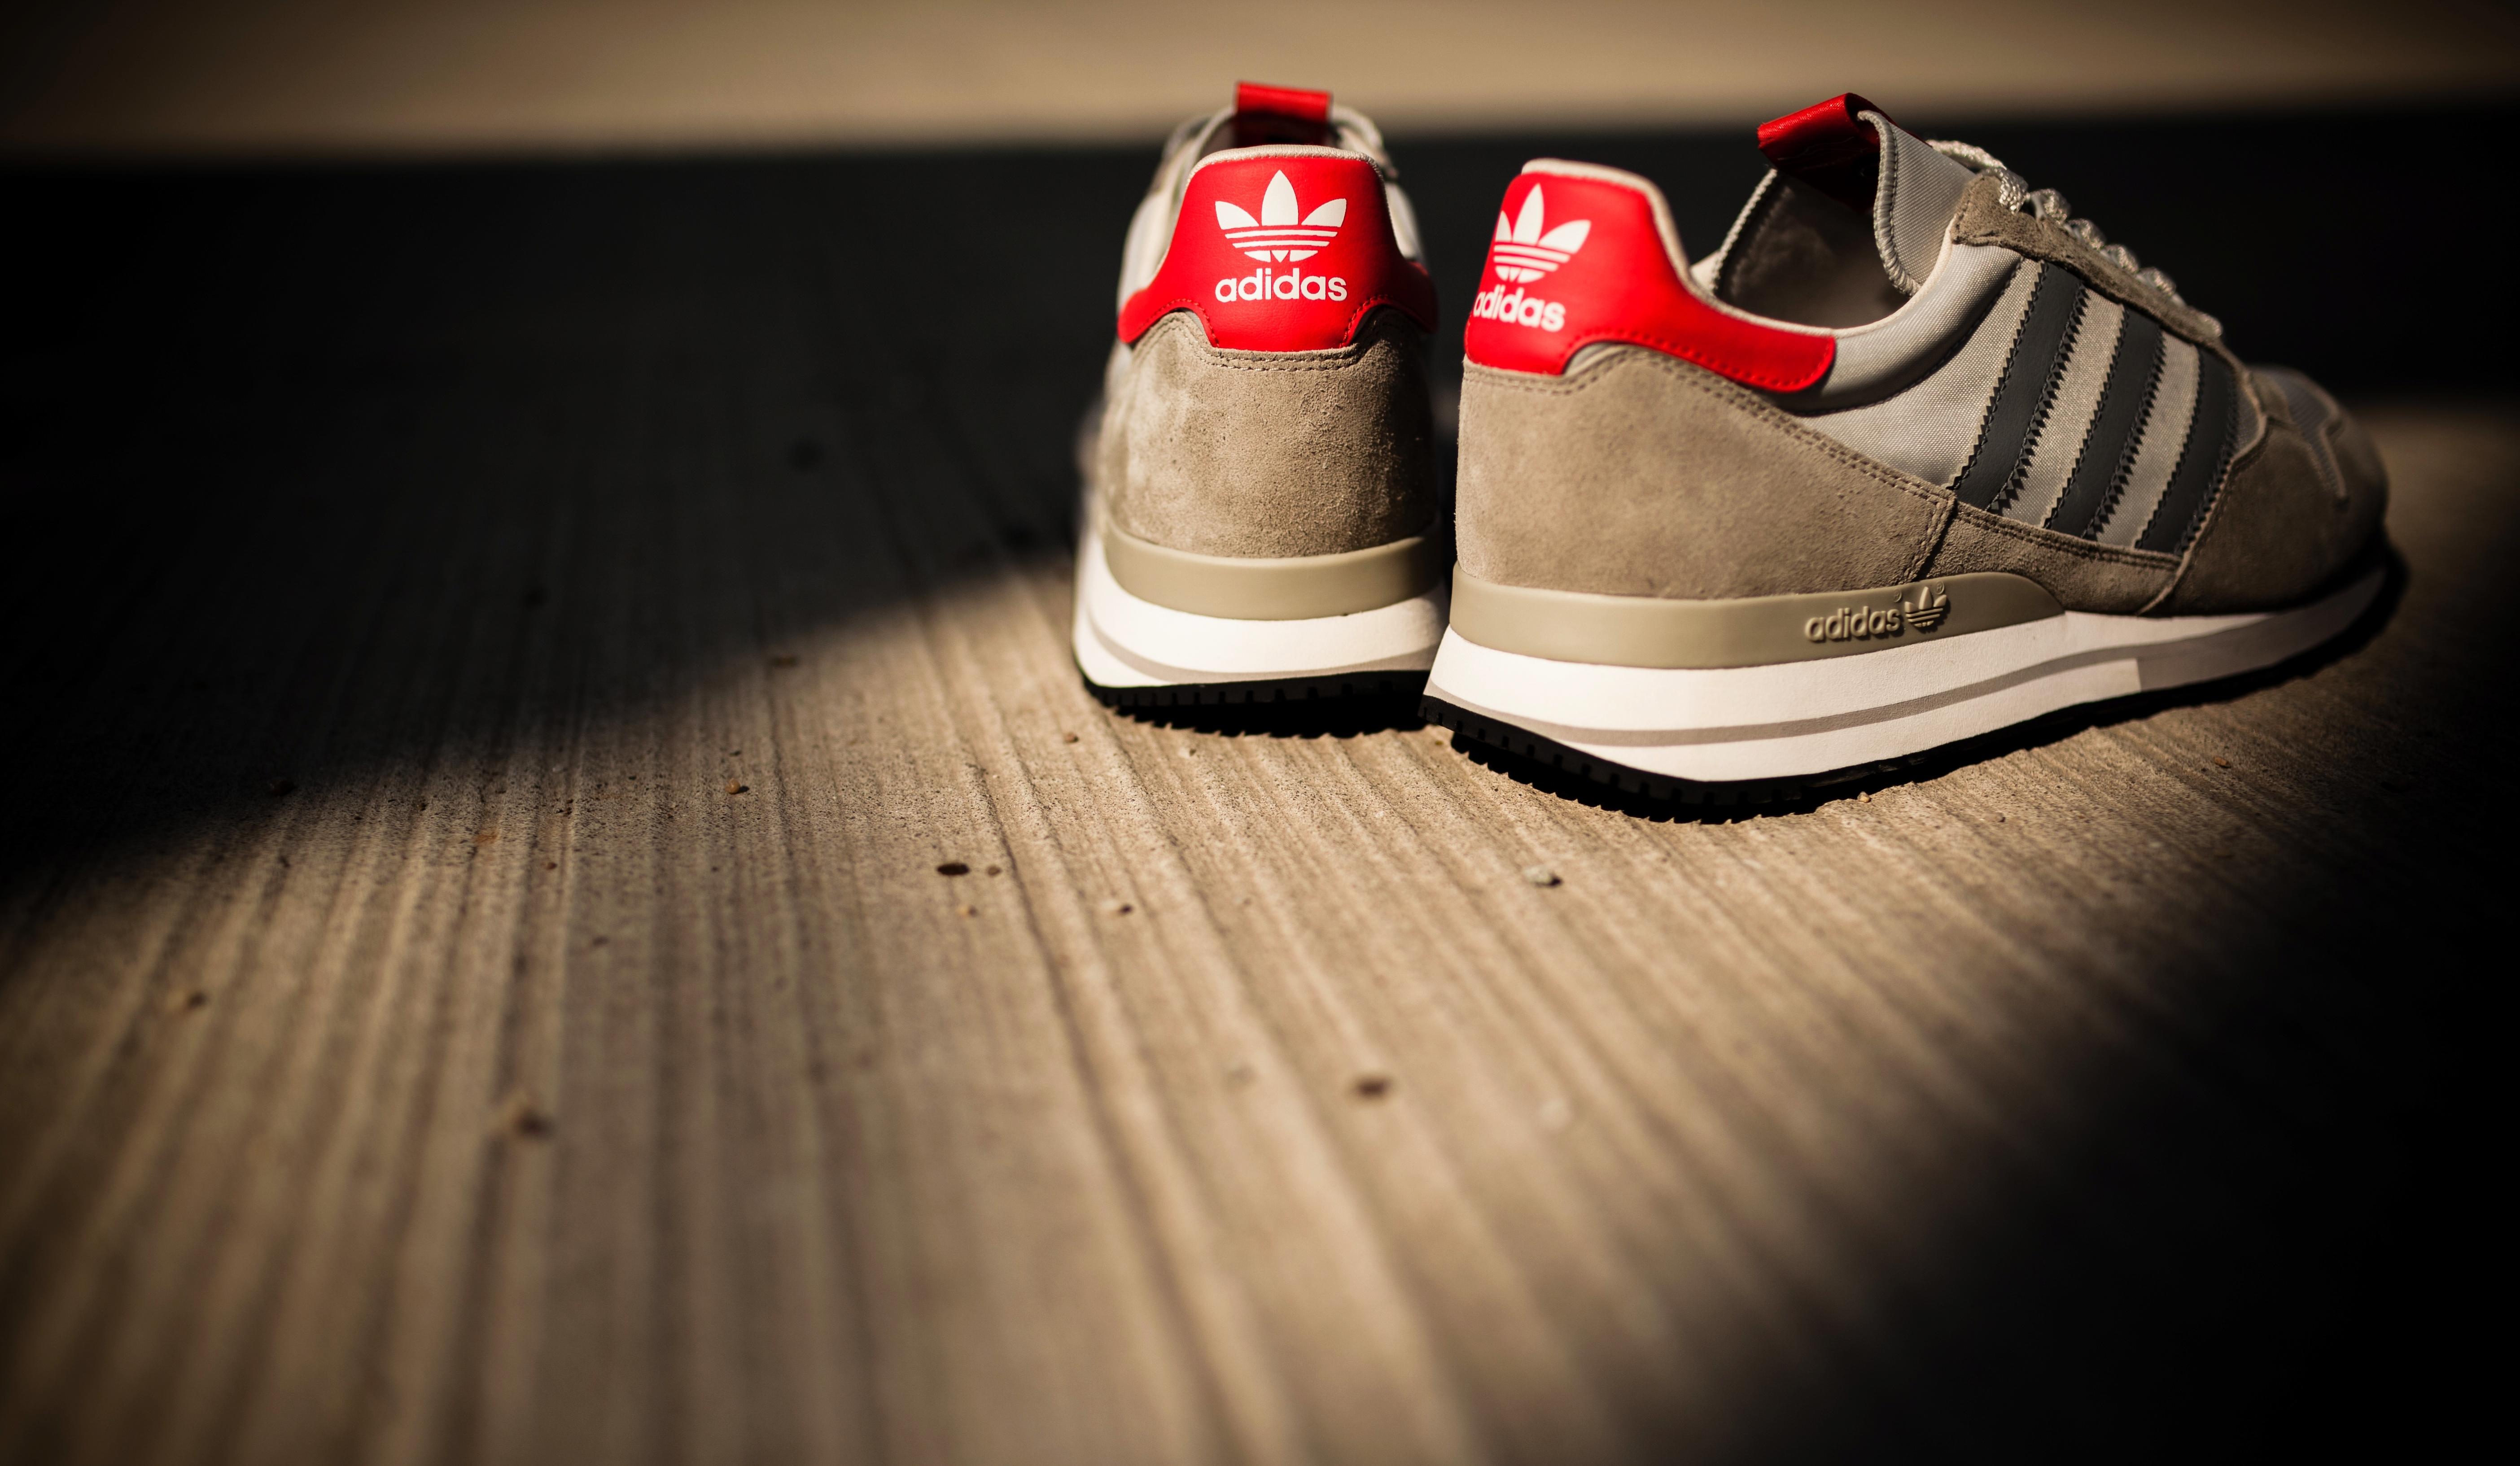 8a1a02b6 Как выбрать кроссовки? - Моя газета   Моя газета